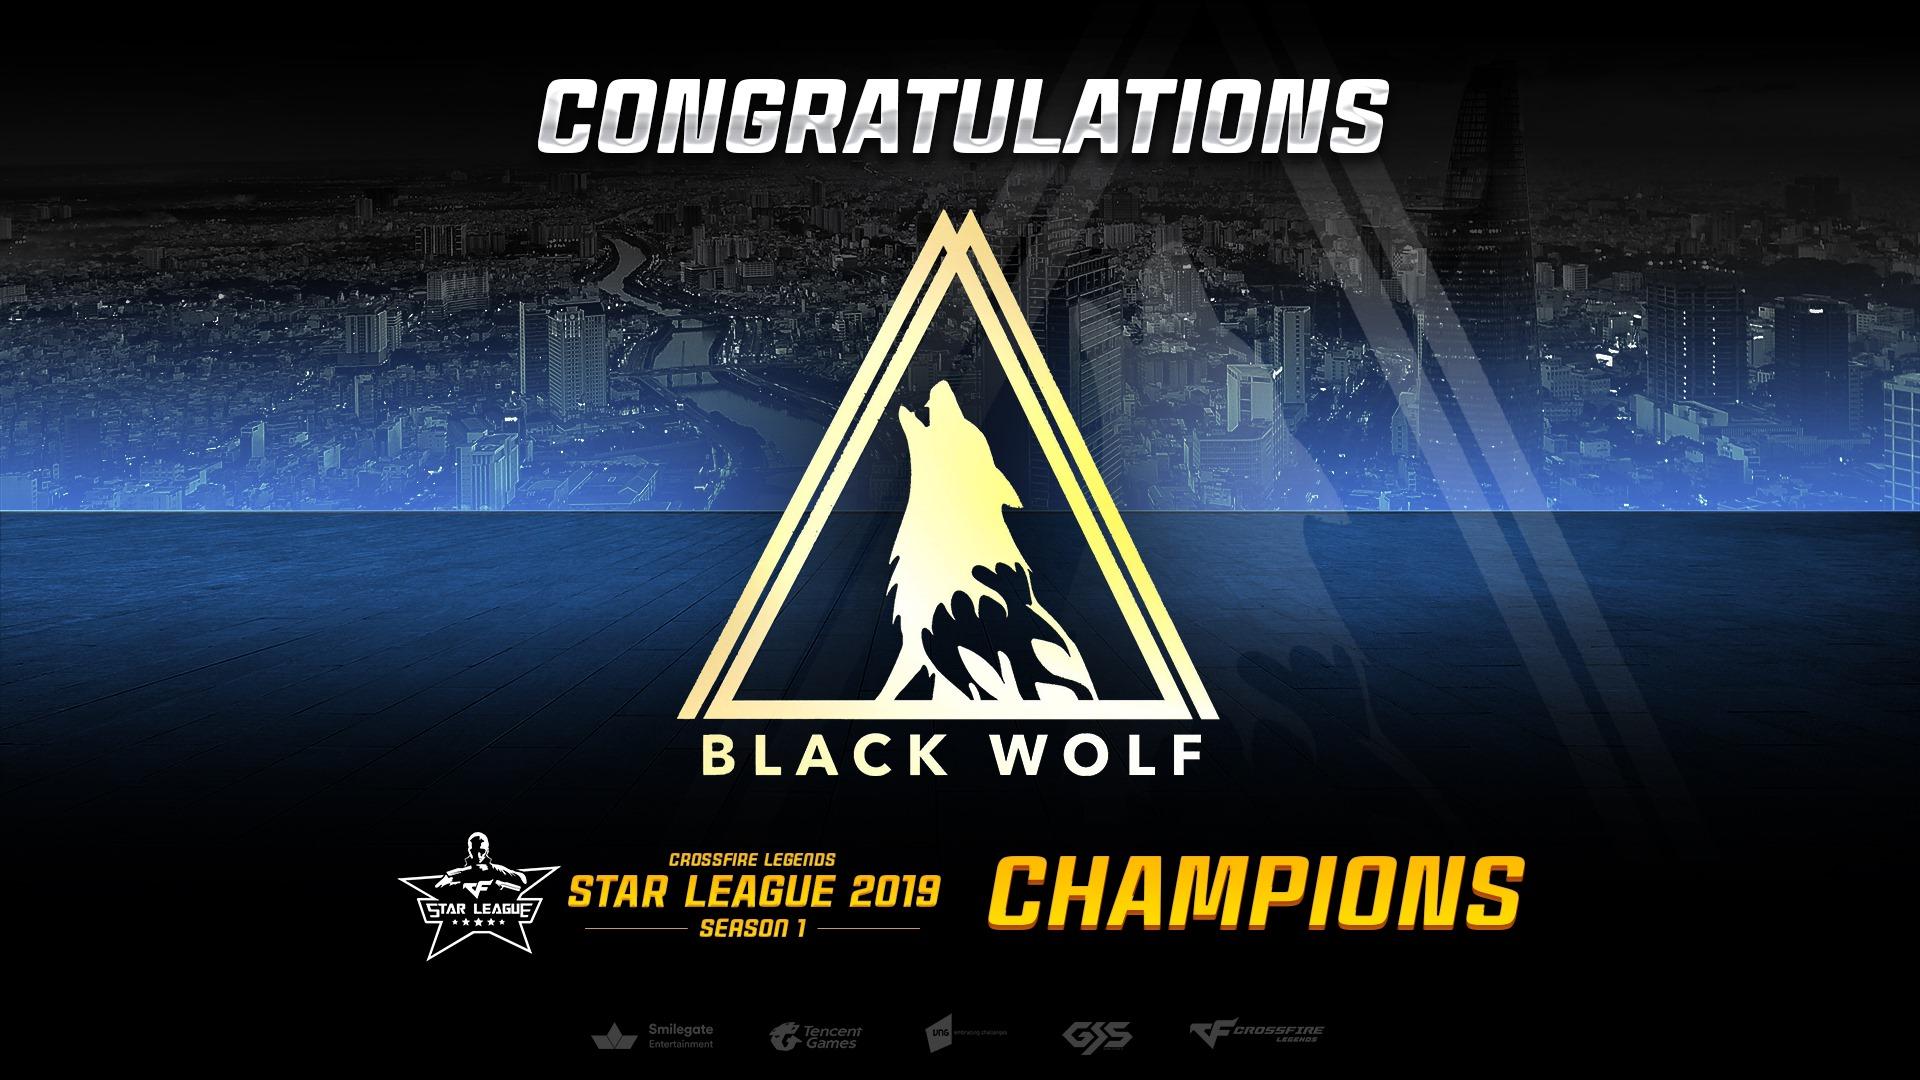 CrossFire Legends: Giành chiến thắng 3-1, Black Wolf chính thức trở thành tân vương Star League